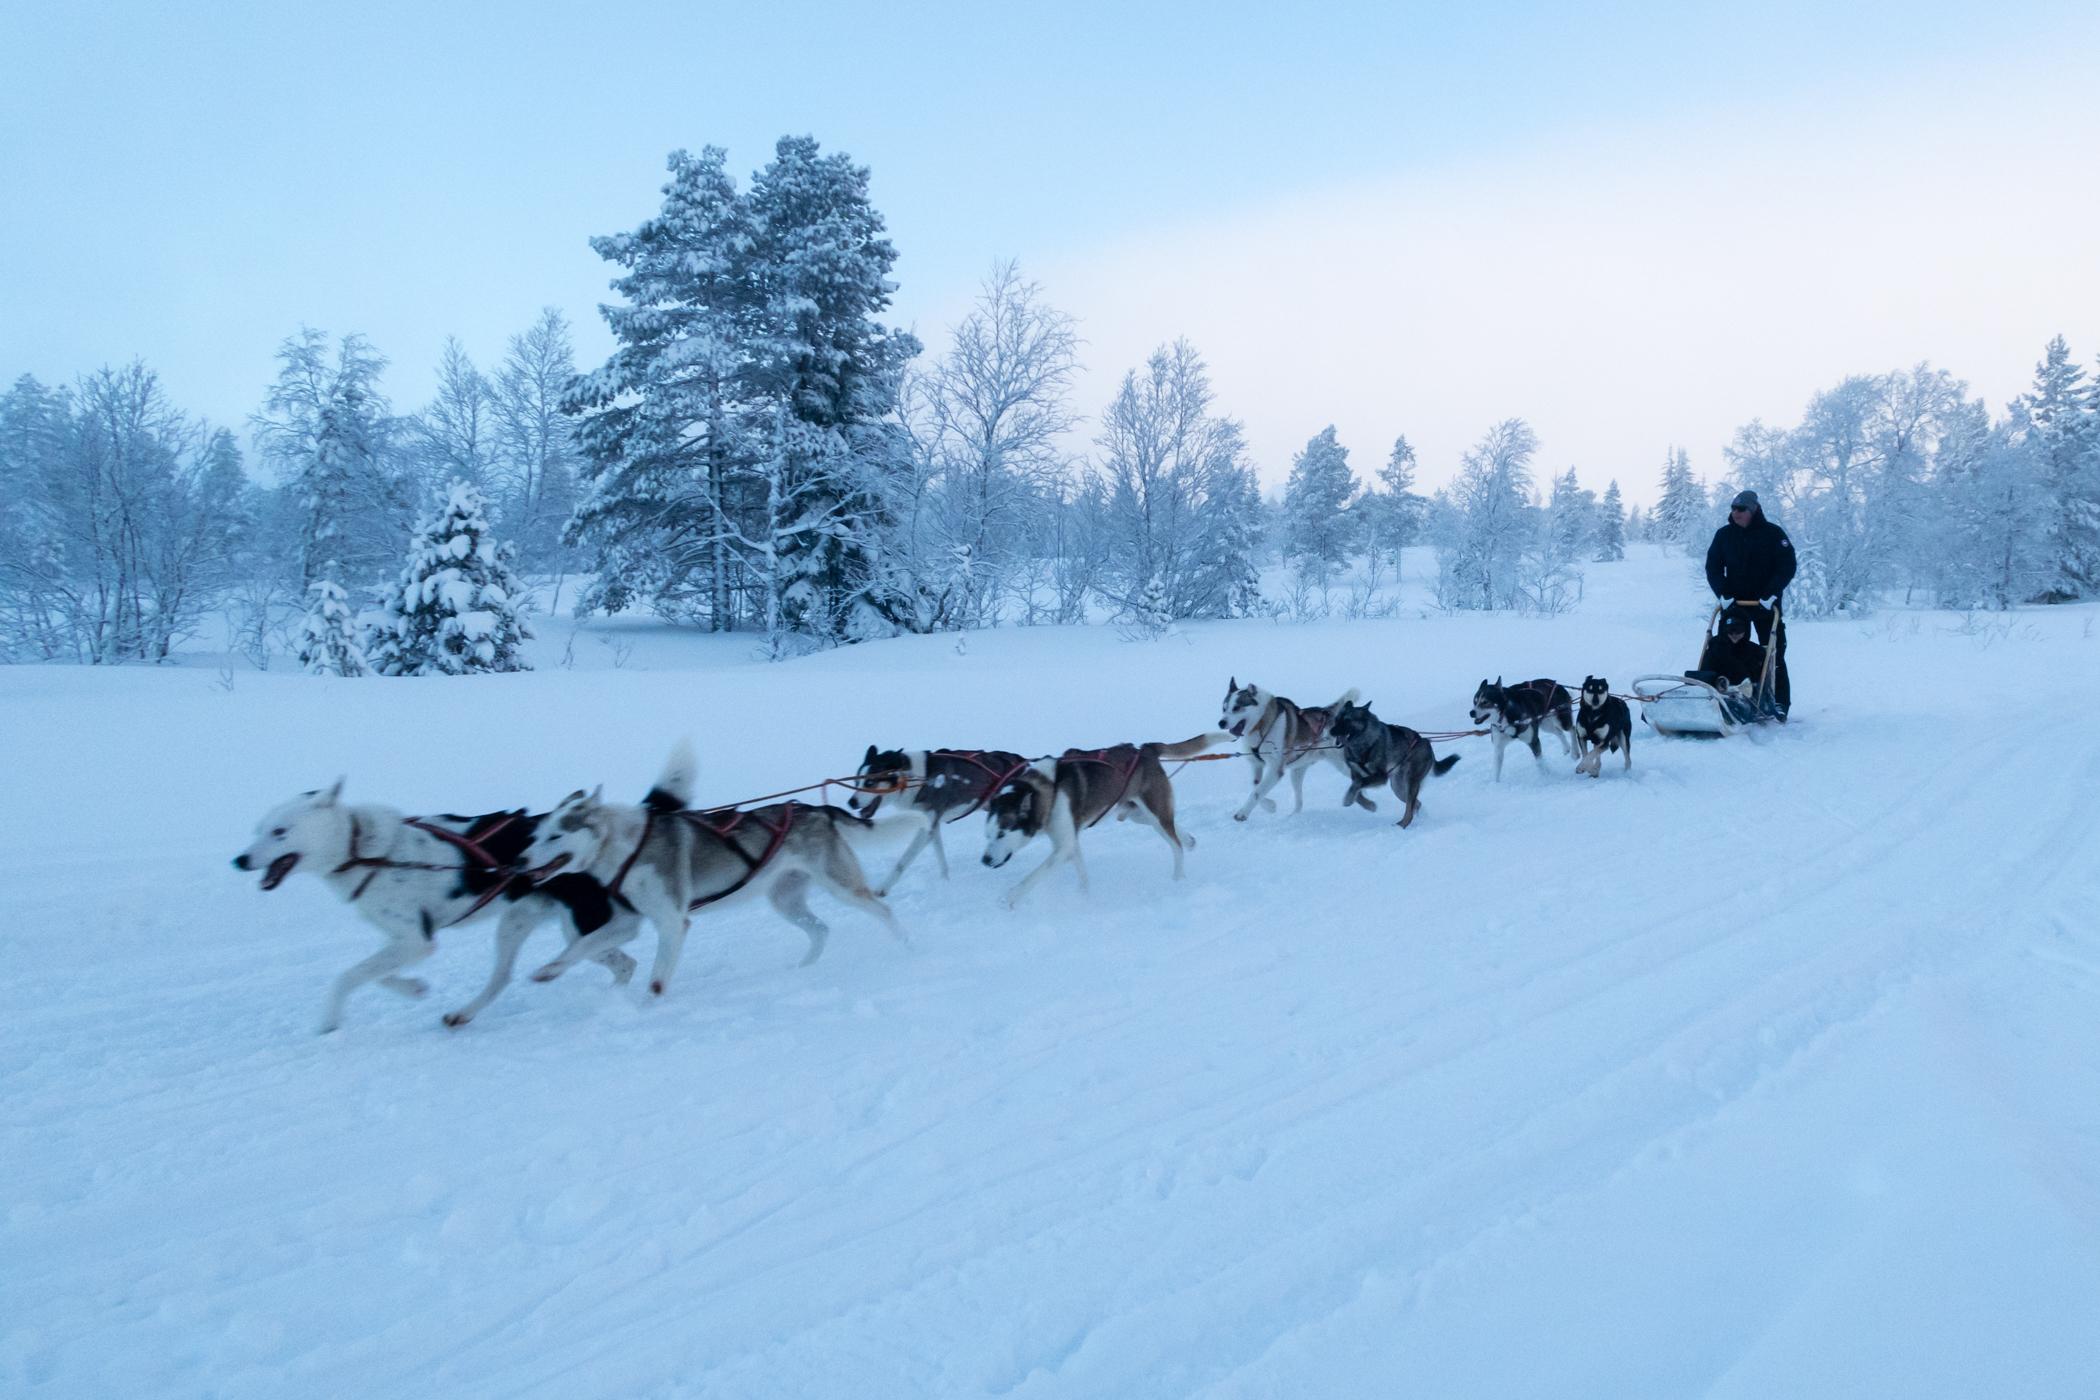 På www.fjallaventyr.com kan der bookes køretur på hundeslæde // Foto: Troels Kjems